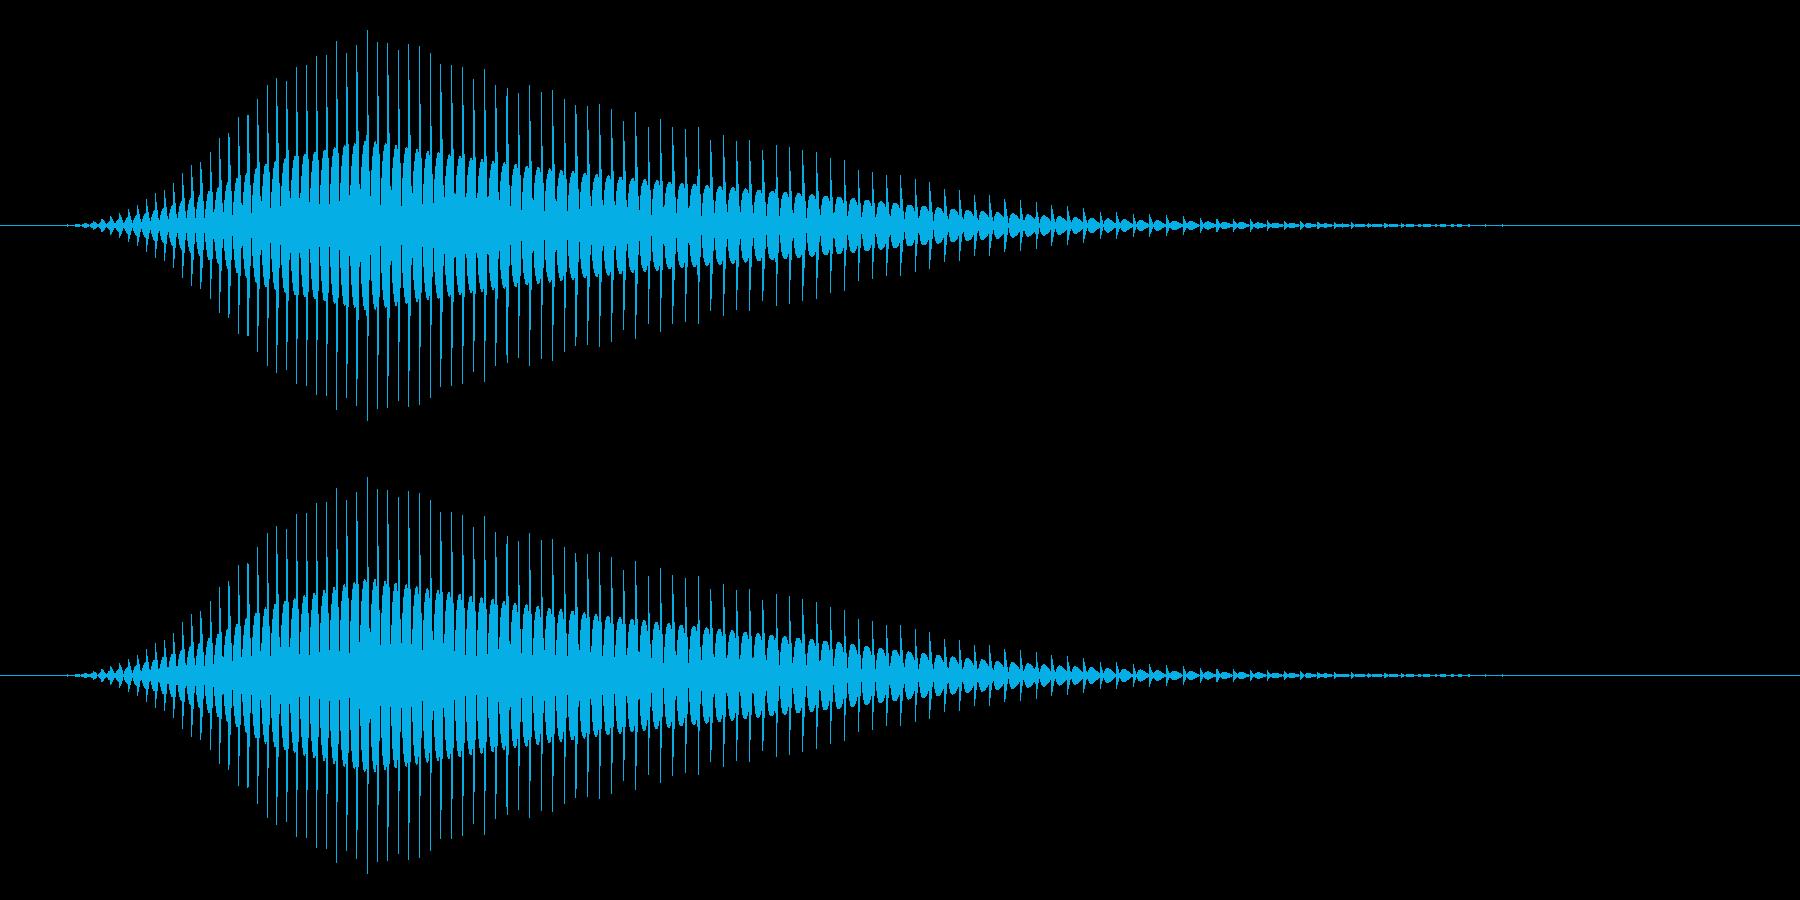 キャンセル/戻る/8ビット系の再生済みの波形